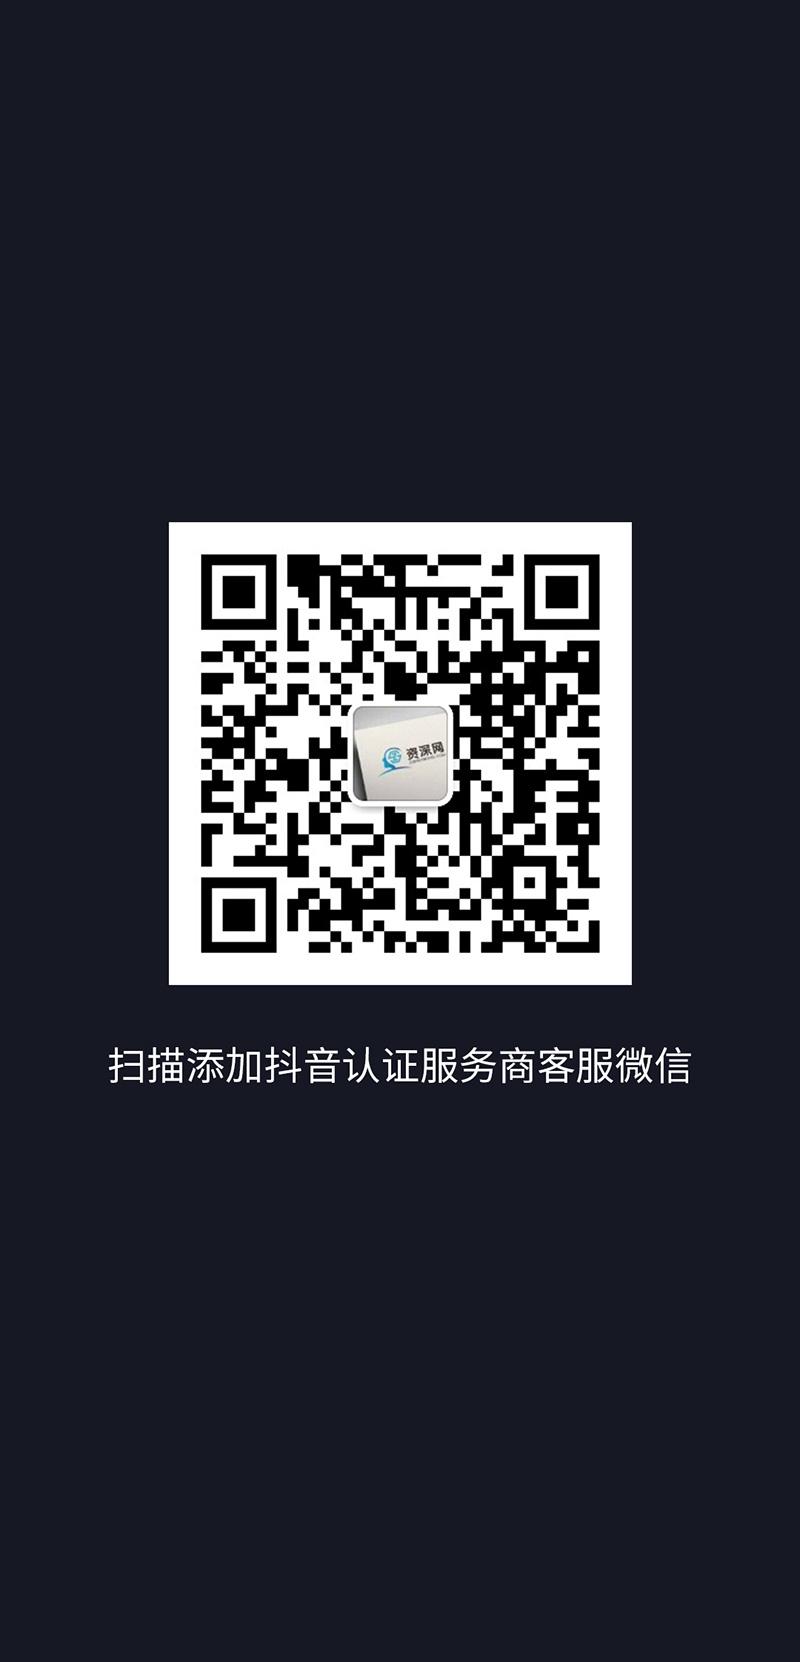 5d6655d2584a9.jpg